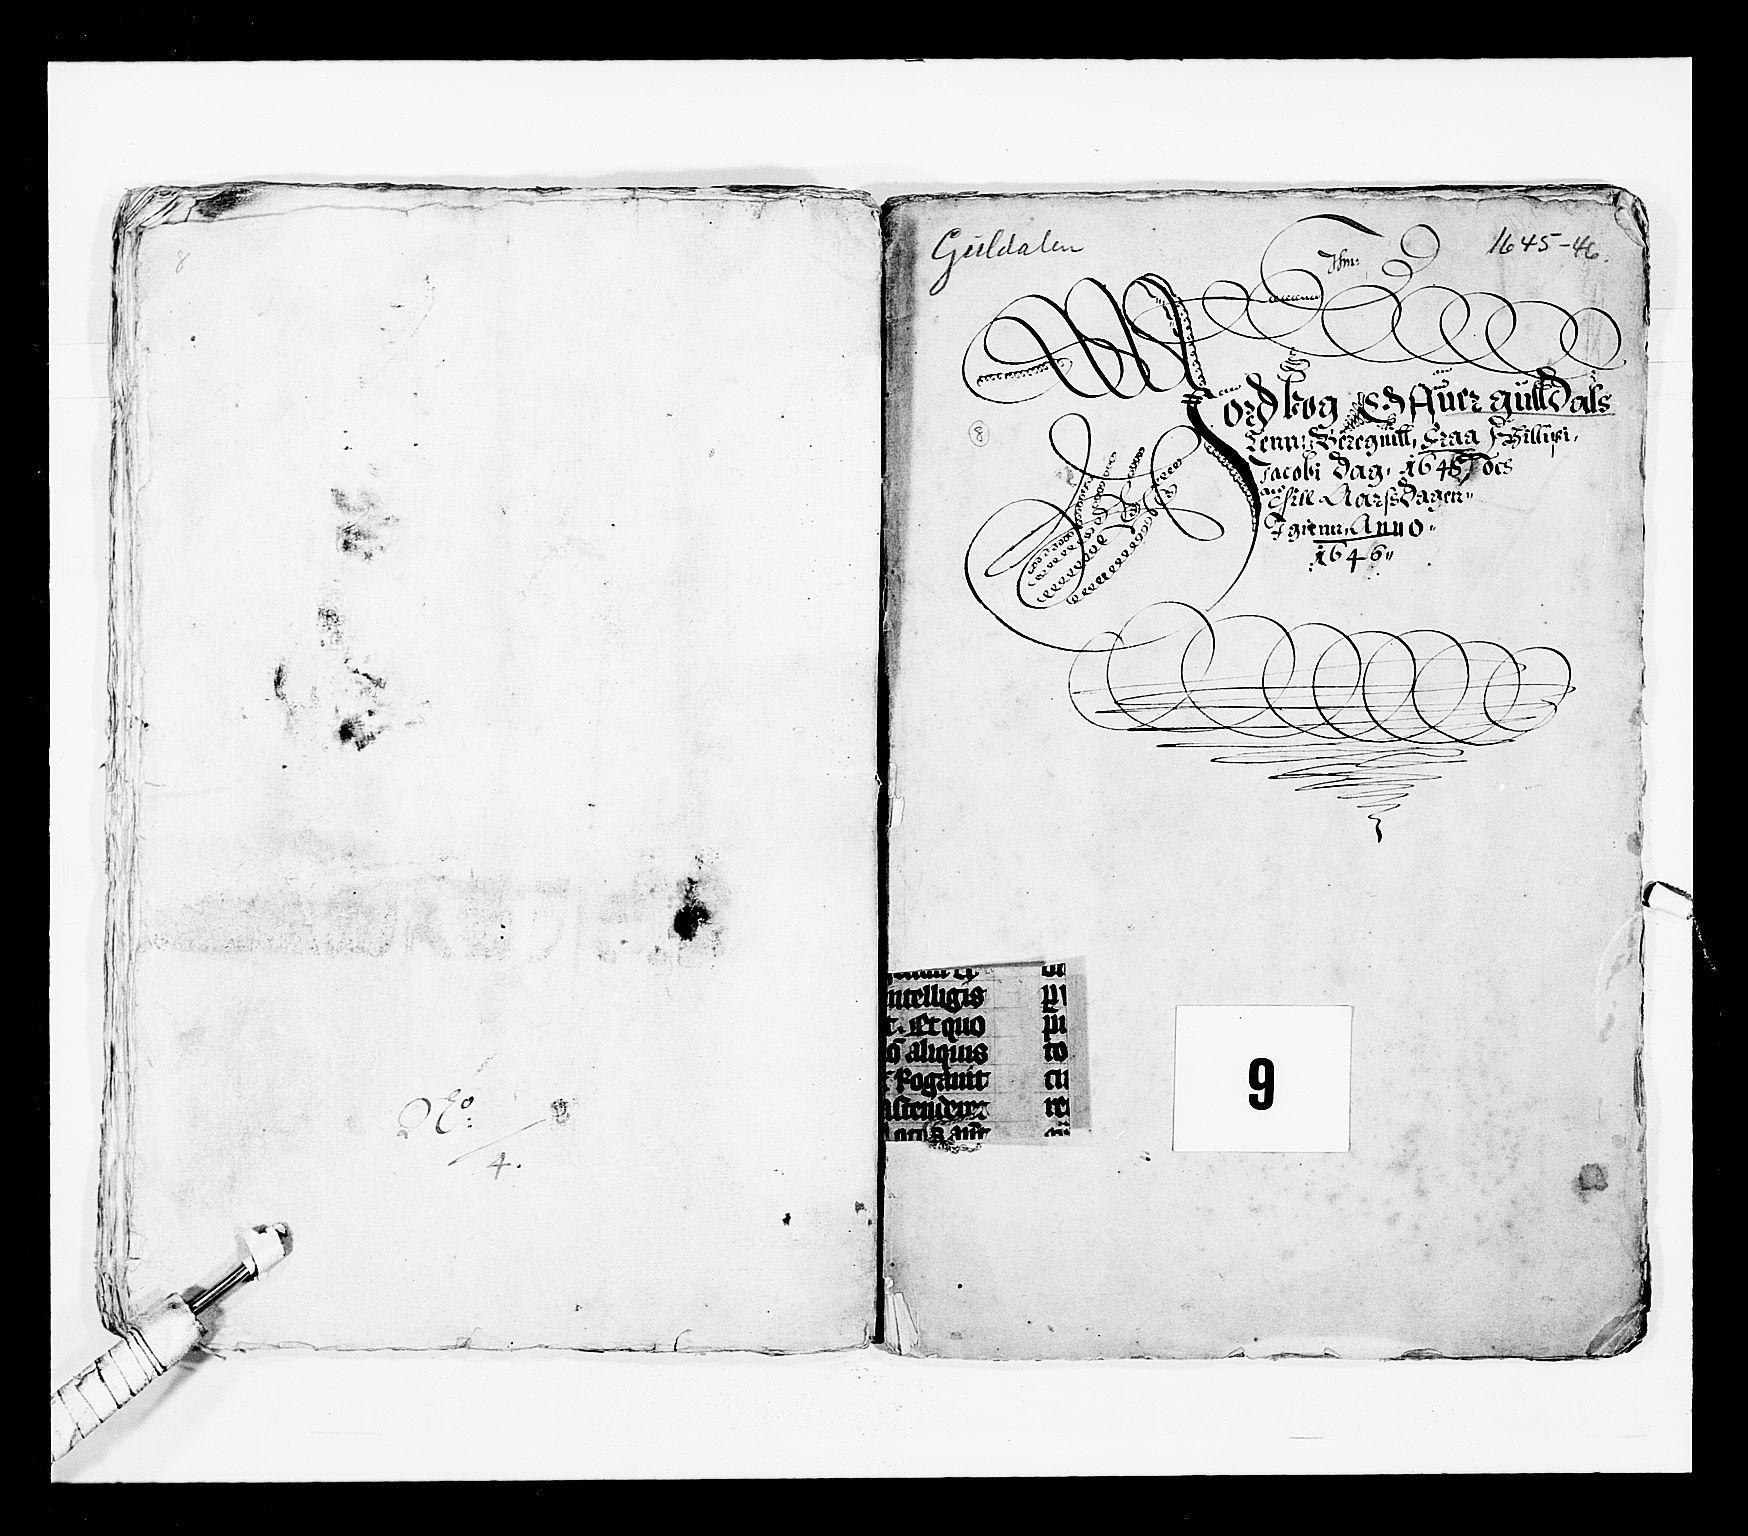 RA, Stattholderembetet 1572-1771, Ek/L0028: Jordebøker 1633-1658:, 1645-1646, s. 207